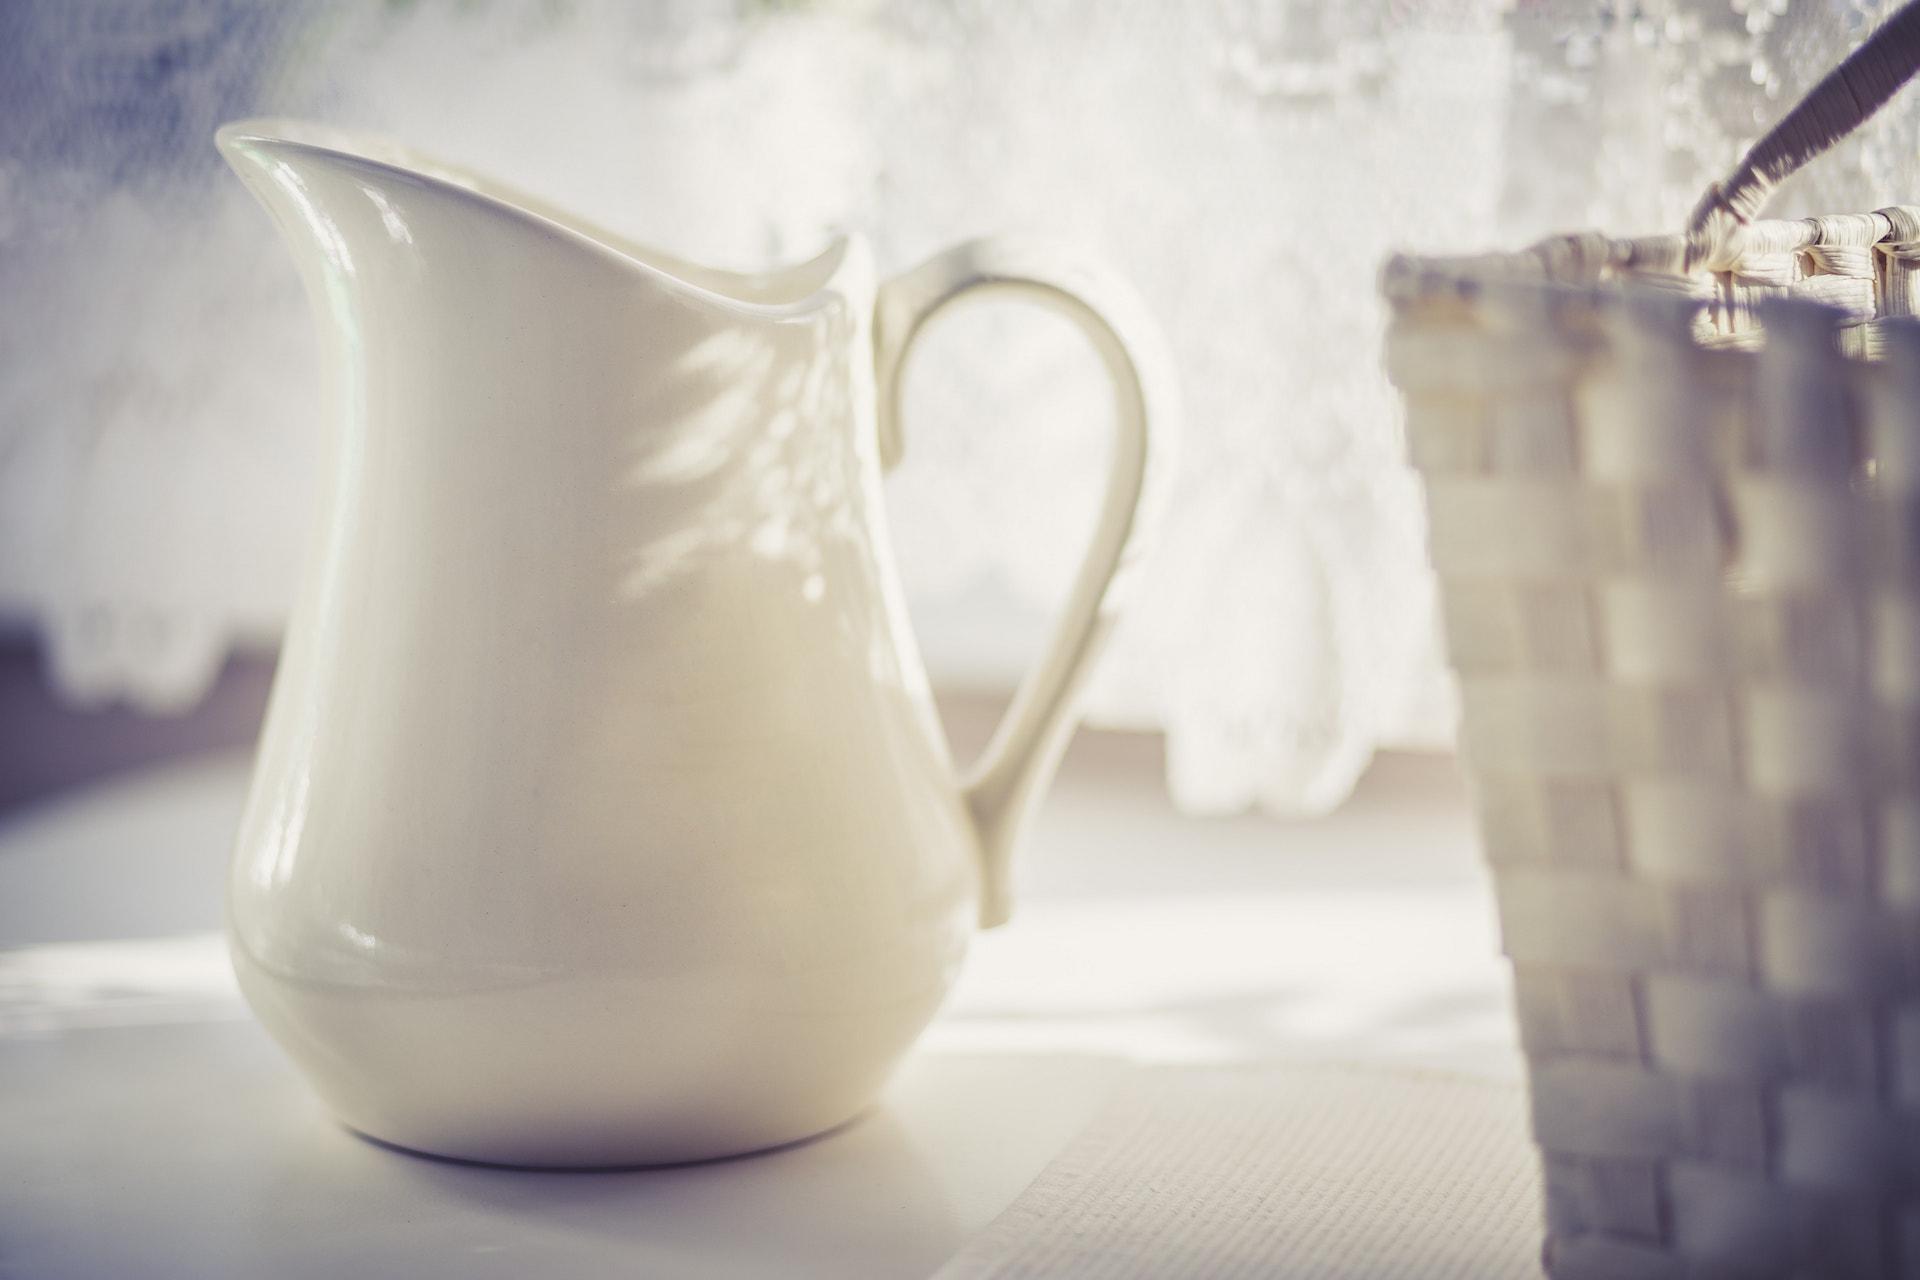 Milk Jug behind Basket - Cold Tone